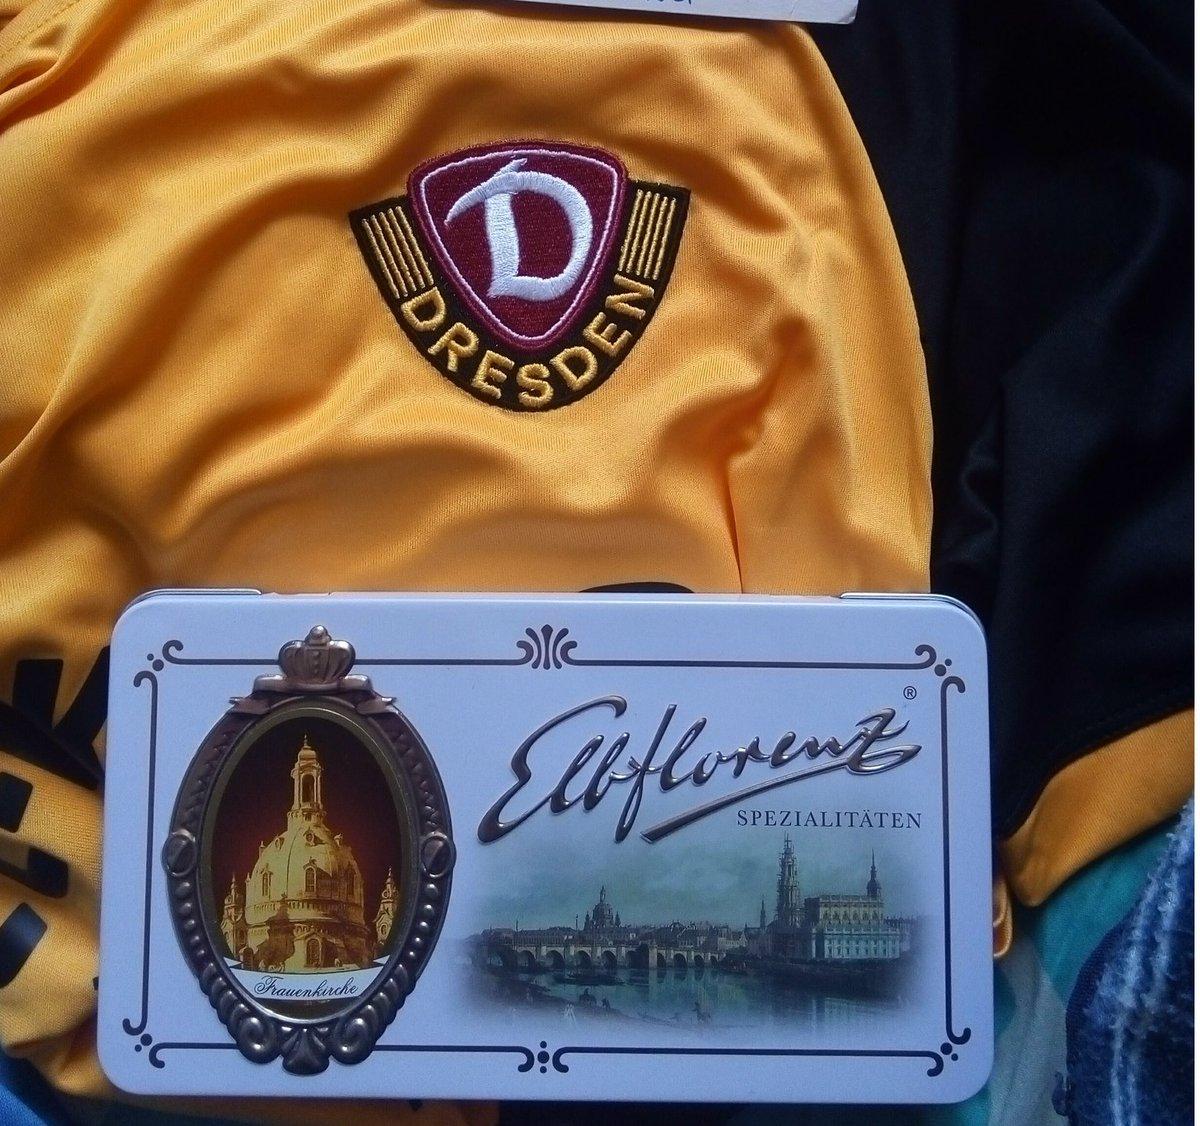 test Twitter Media - @einfach_Michi_ Hallo, Ich wünsche dir einen schönen Abend! Ich sage Ihnen, dass mir gestern ein Dynamo Dresden-Fan ein offizielles Teamtrikot und ein paar leckere Pralinen als Geburtstagsgeschenk geschickt hat. Ich bin sehr froh, das Shirt erhalten zu haben 😊😍 https://t.co/QrIOI2ymcw